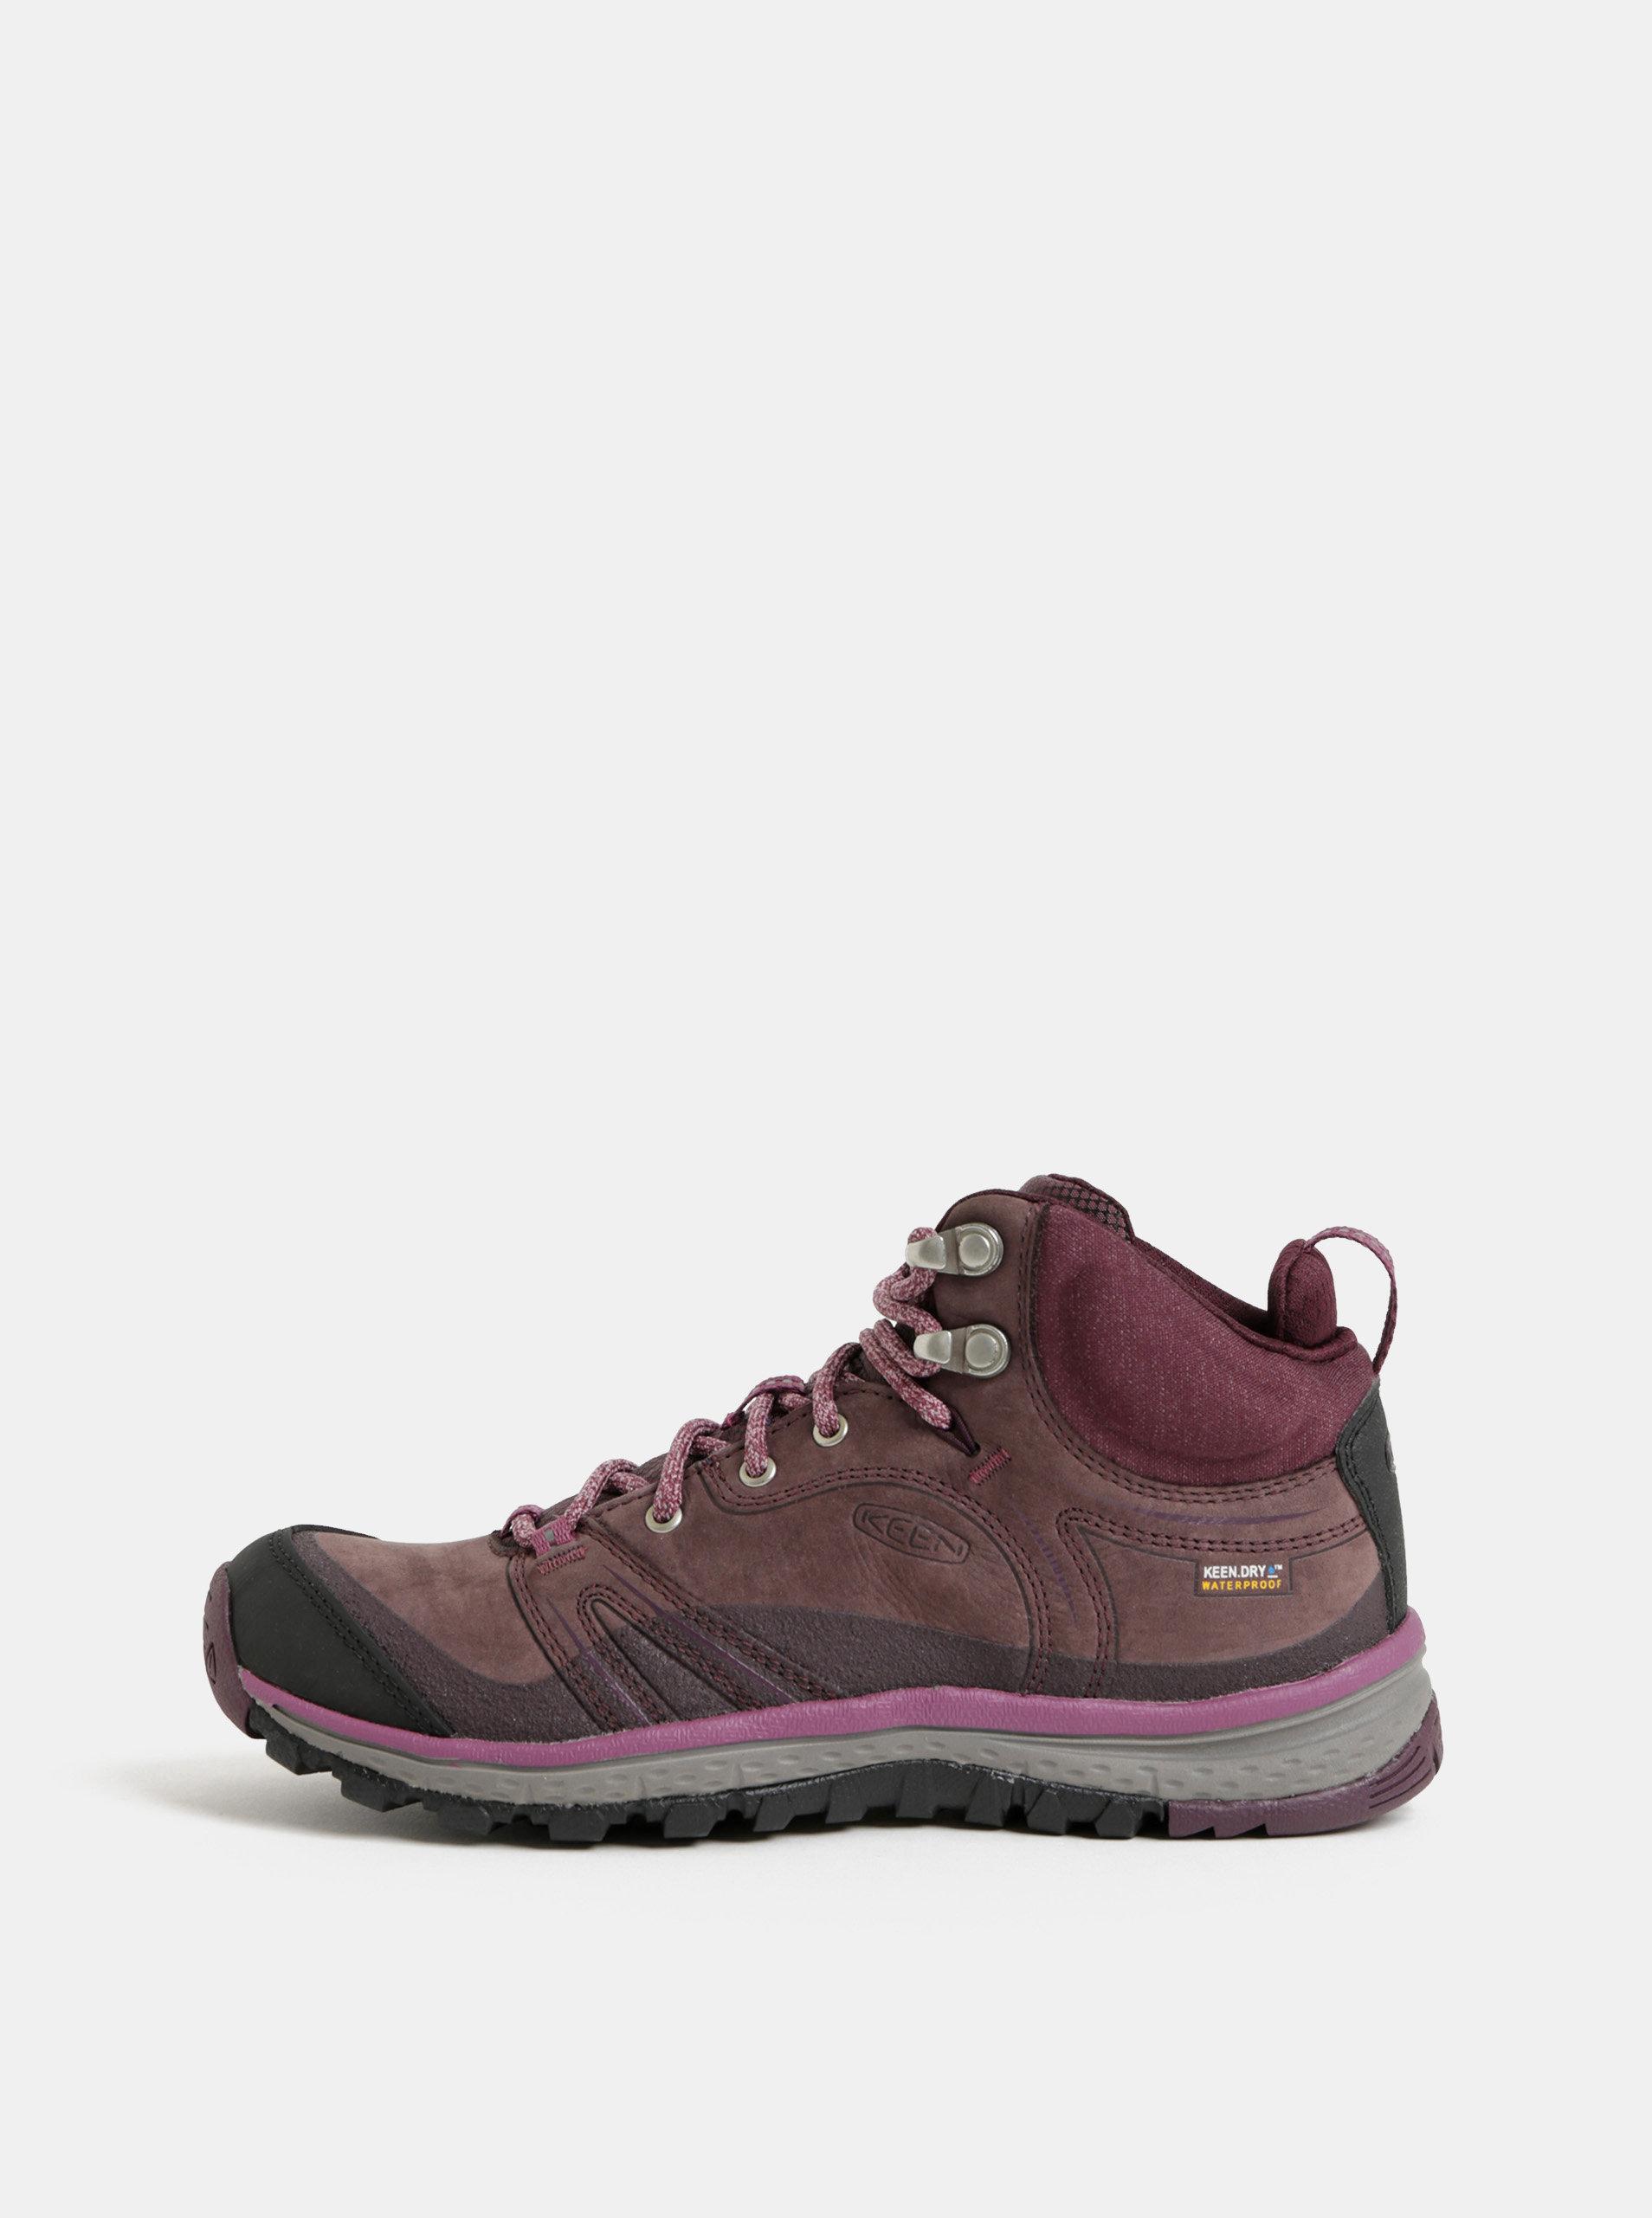 Fialové dámské kožené voděodolné kotníkové boty Keen Terradora ... 39df282255